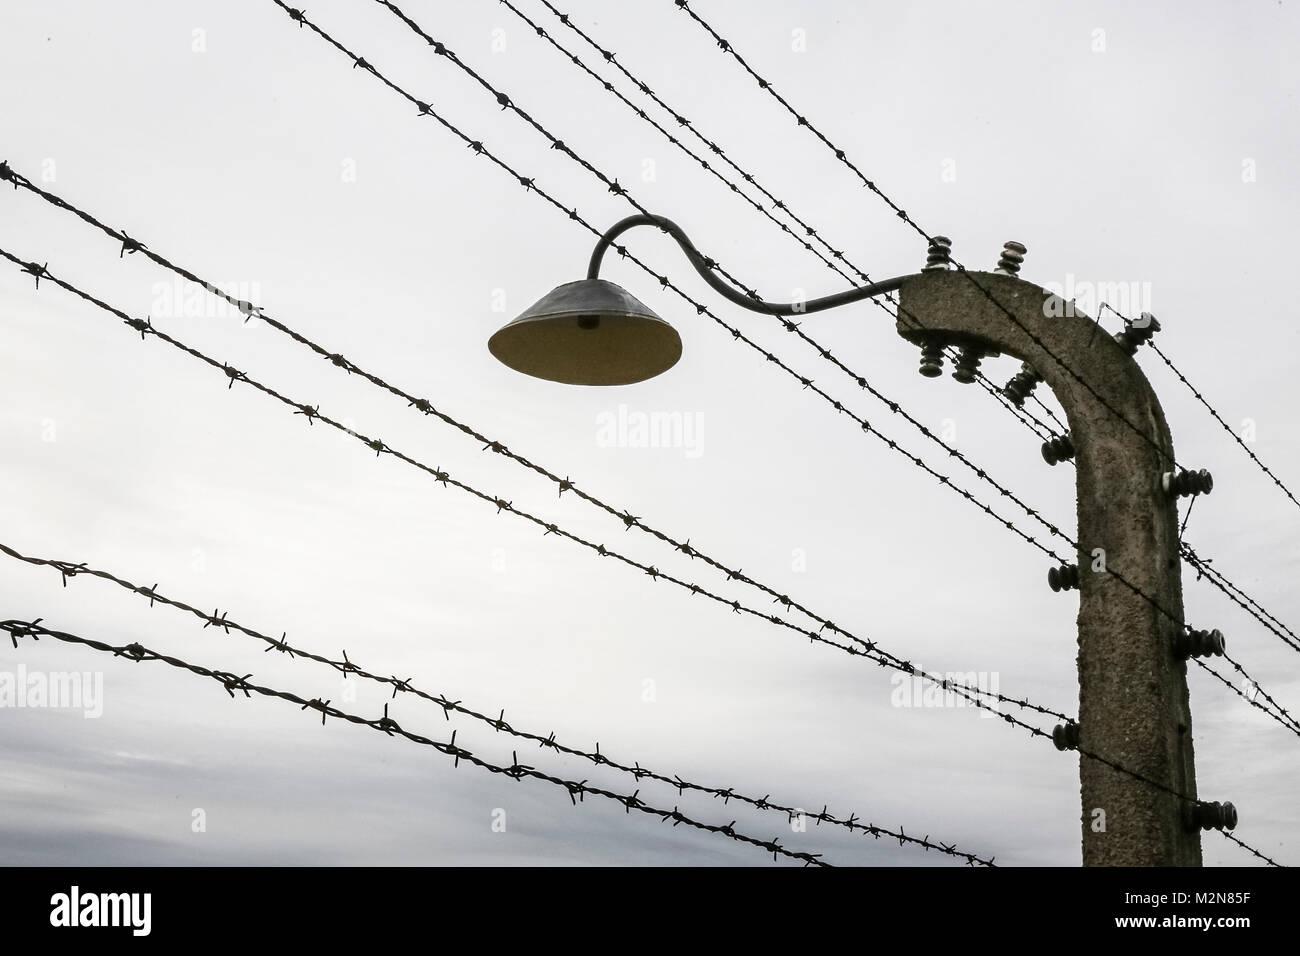 Die ehemaligen deutschen nationalsozialistischen Konzentrations- und Vernichtungslager von Auschwitz Birkenau II. Stockbild